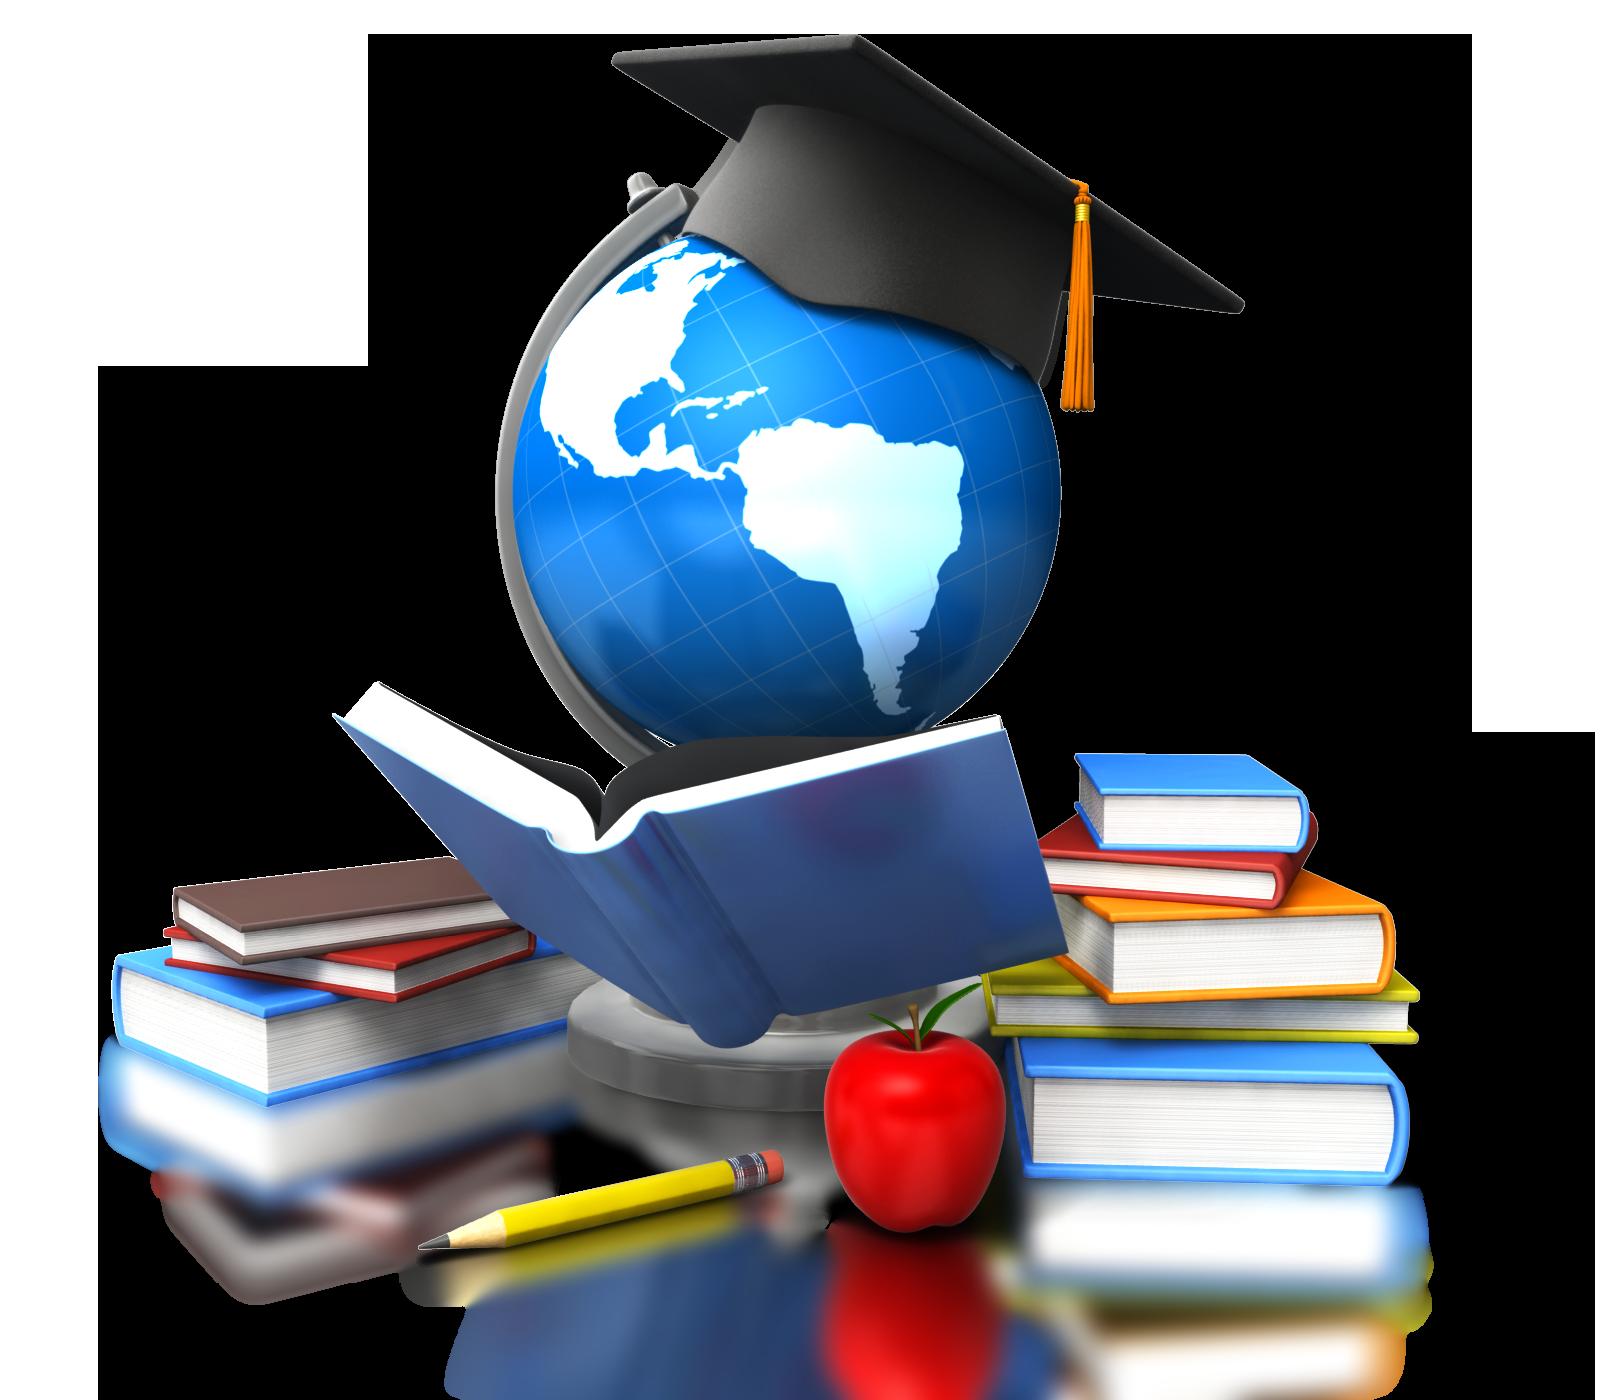 آموزشگاه زبان خارجه